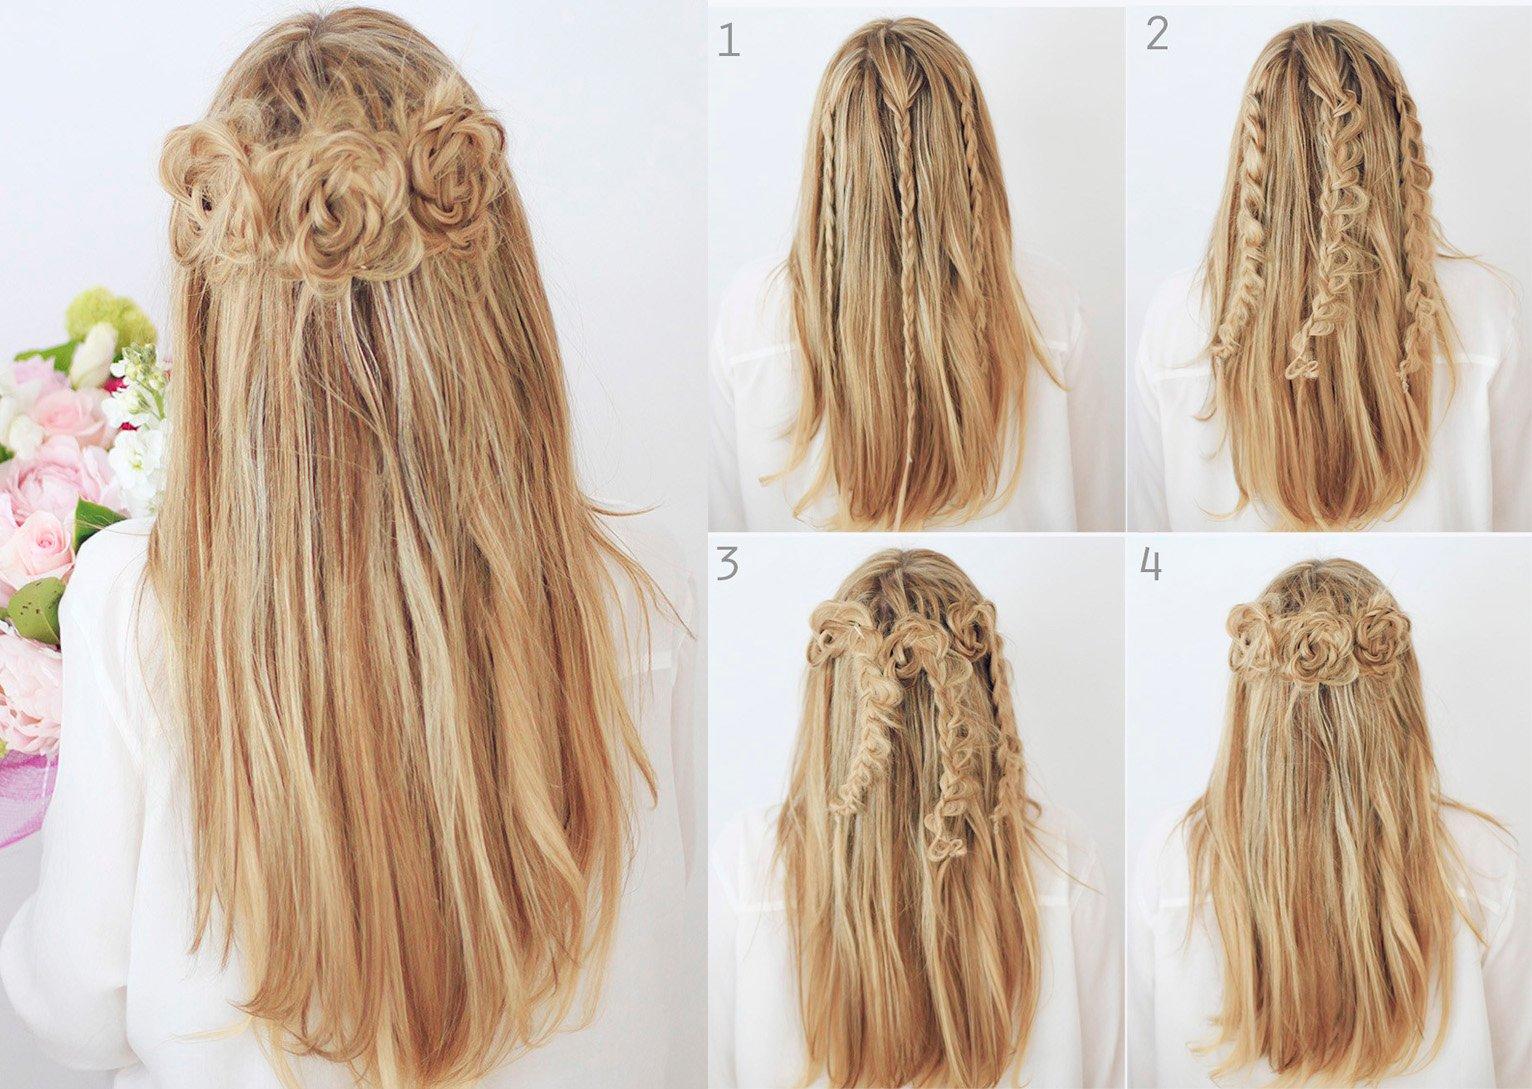 15 tipos de peinados con trenzas que te encantar n - Peinados y trenzas ...